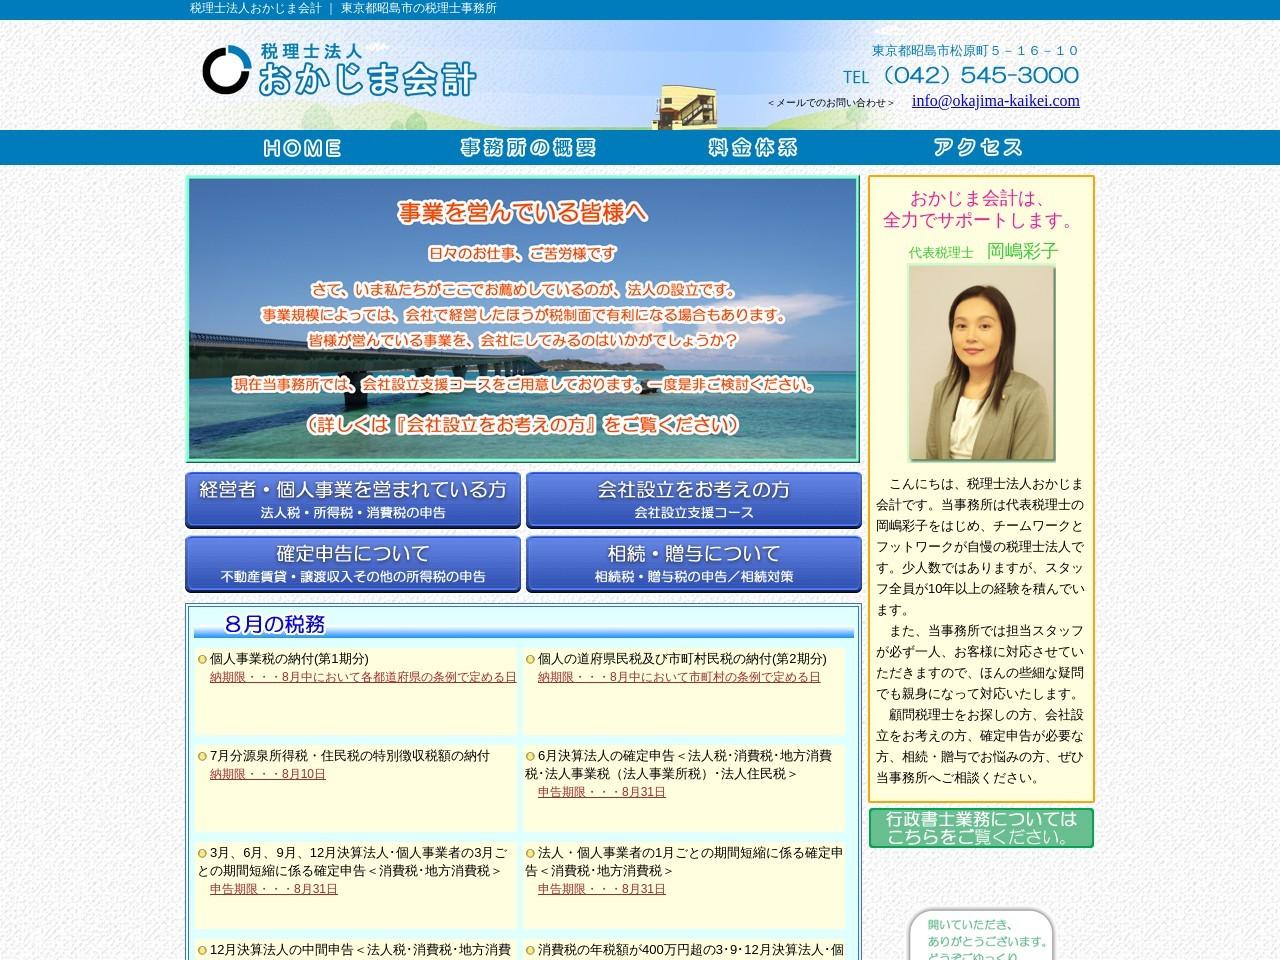 おかじま会計(税理士法人)